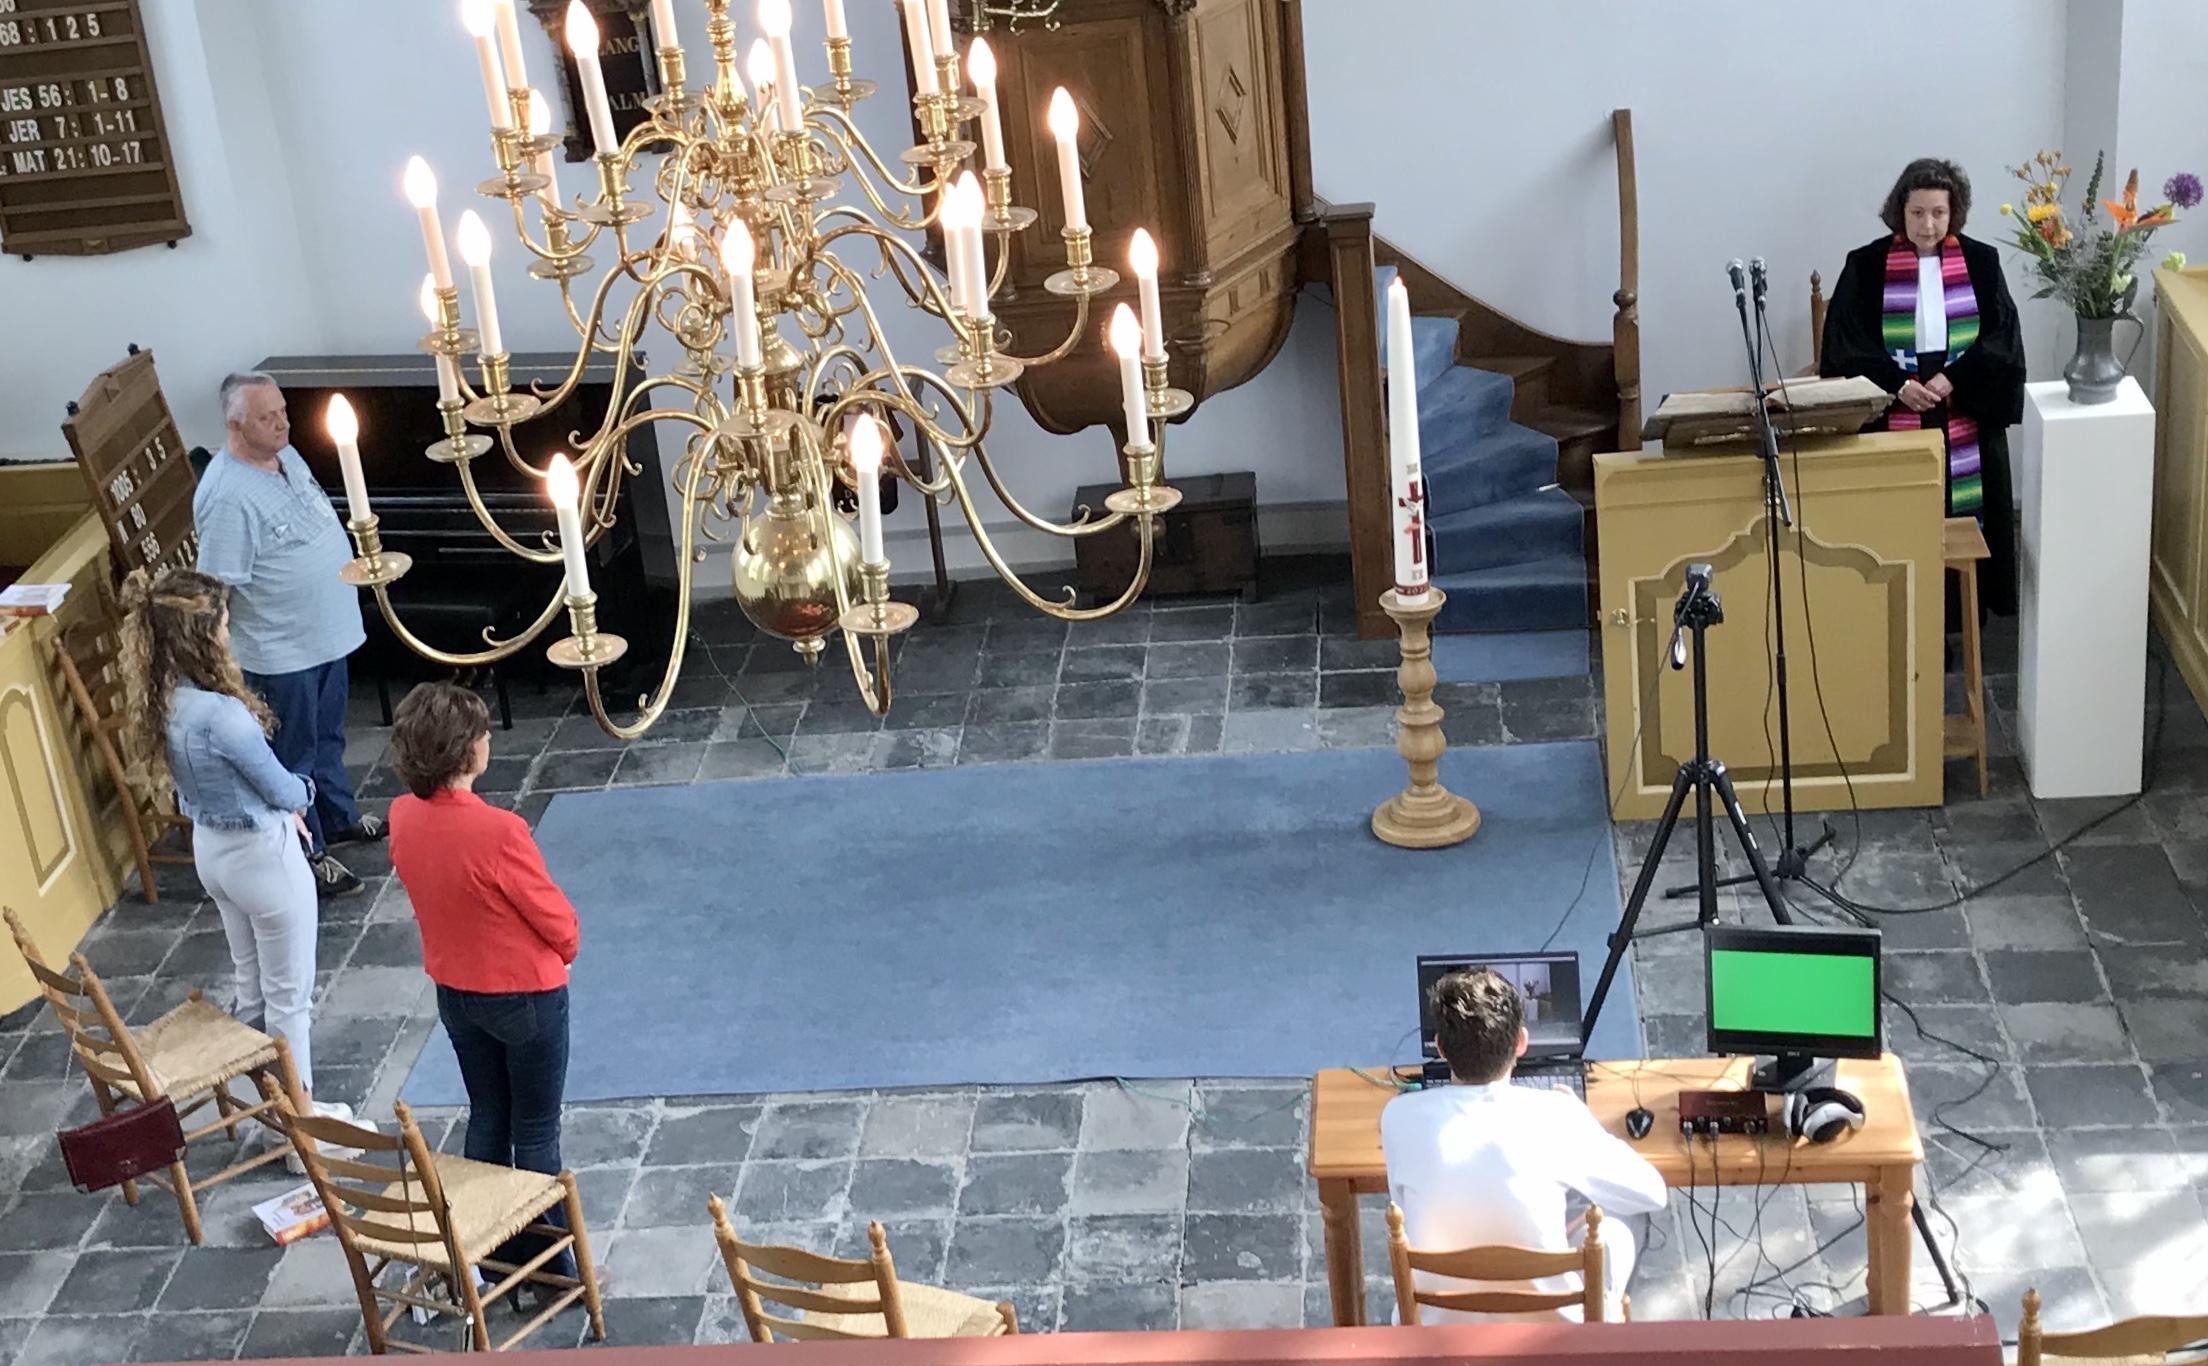 Gebruiksplan en schoonmaakprotocol Woudtse kerk